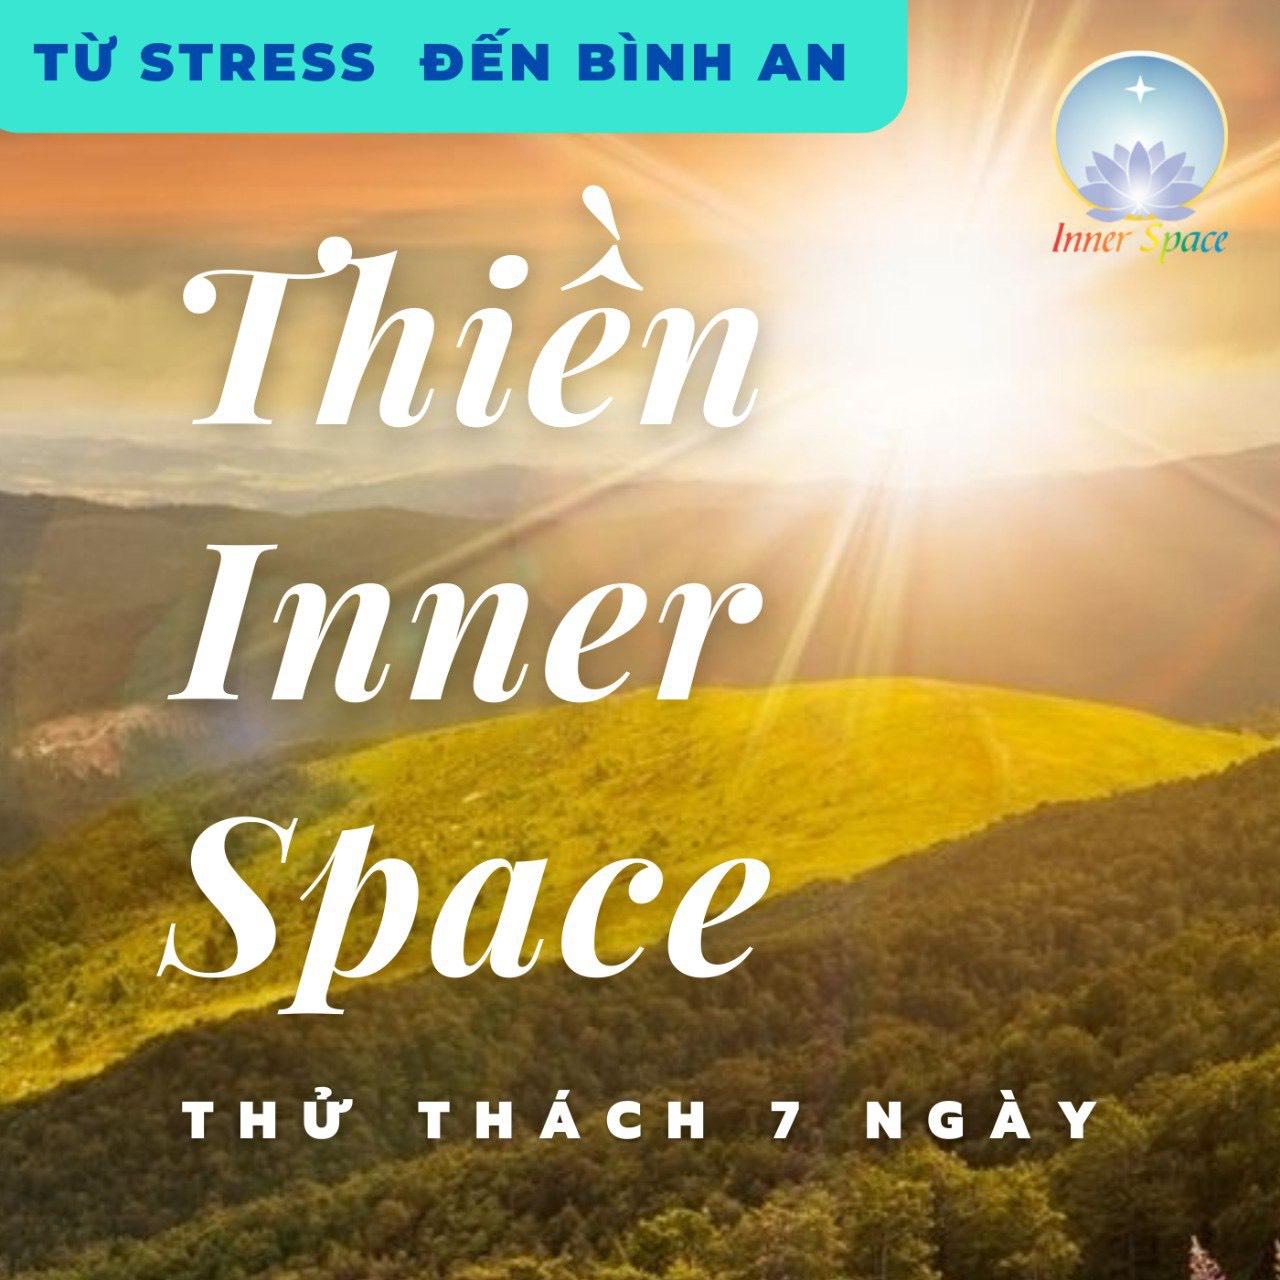 THÁCH THỨC THIỀN 7 NGÀY | INNER SPACE